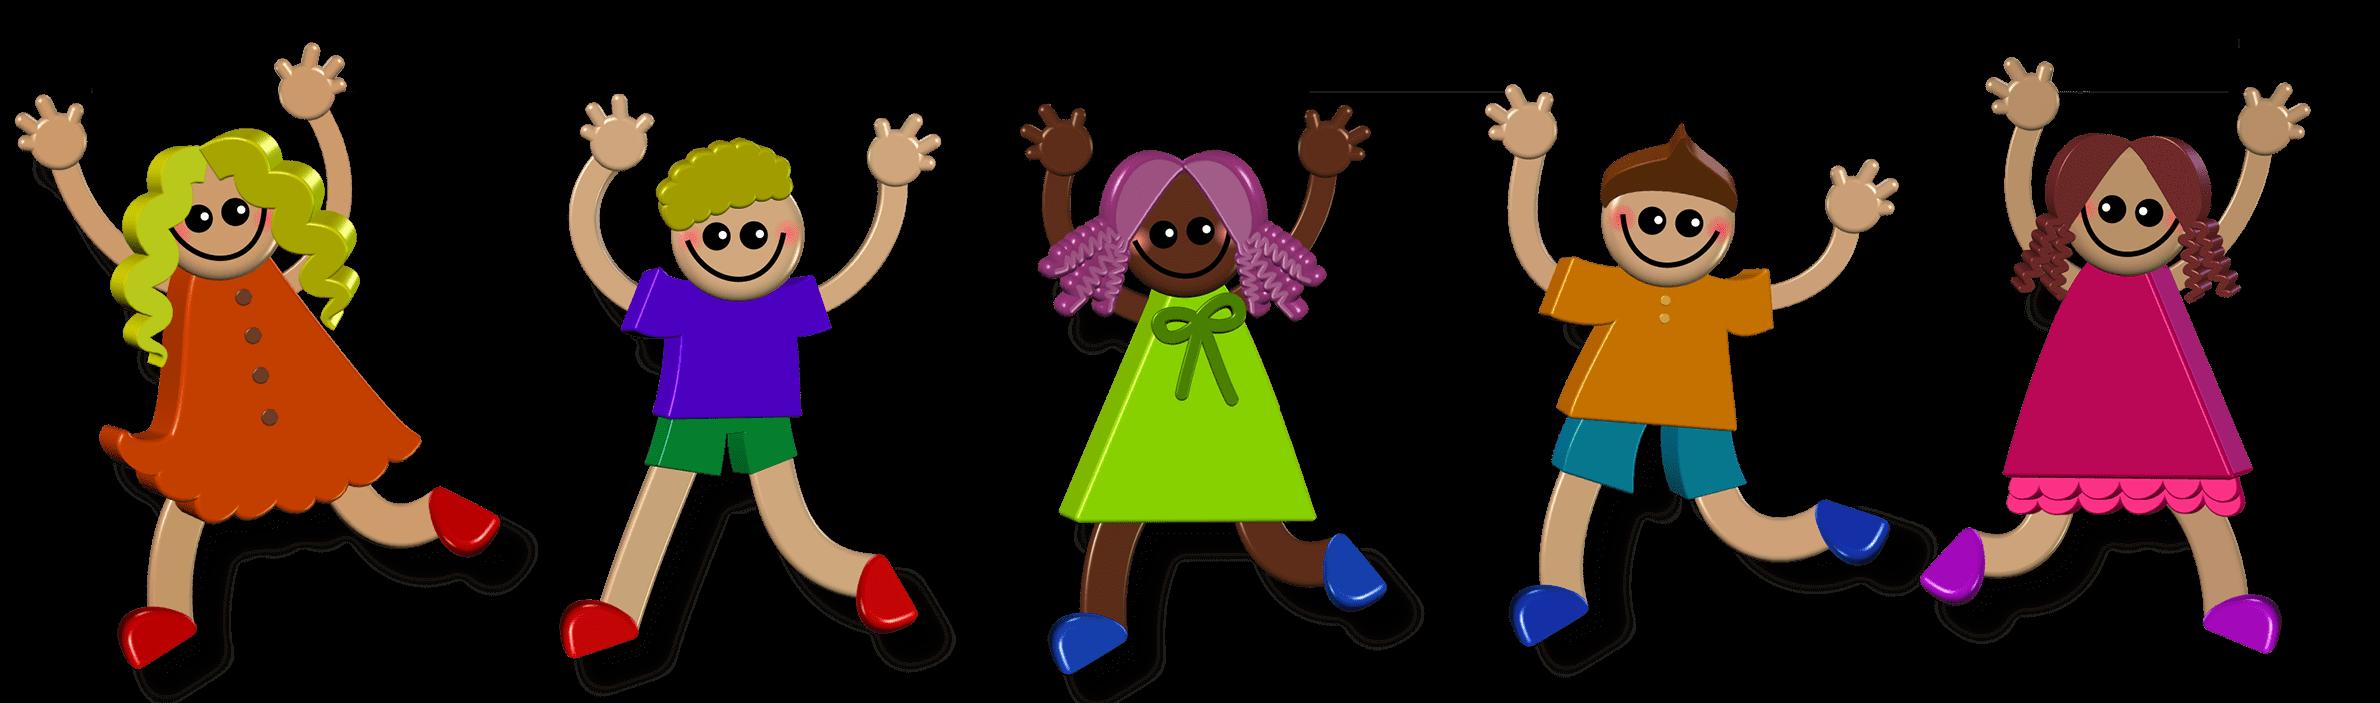 Ötletcsepp - kreatív játékok gyerekeknek - illusztráció